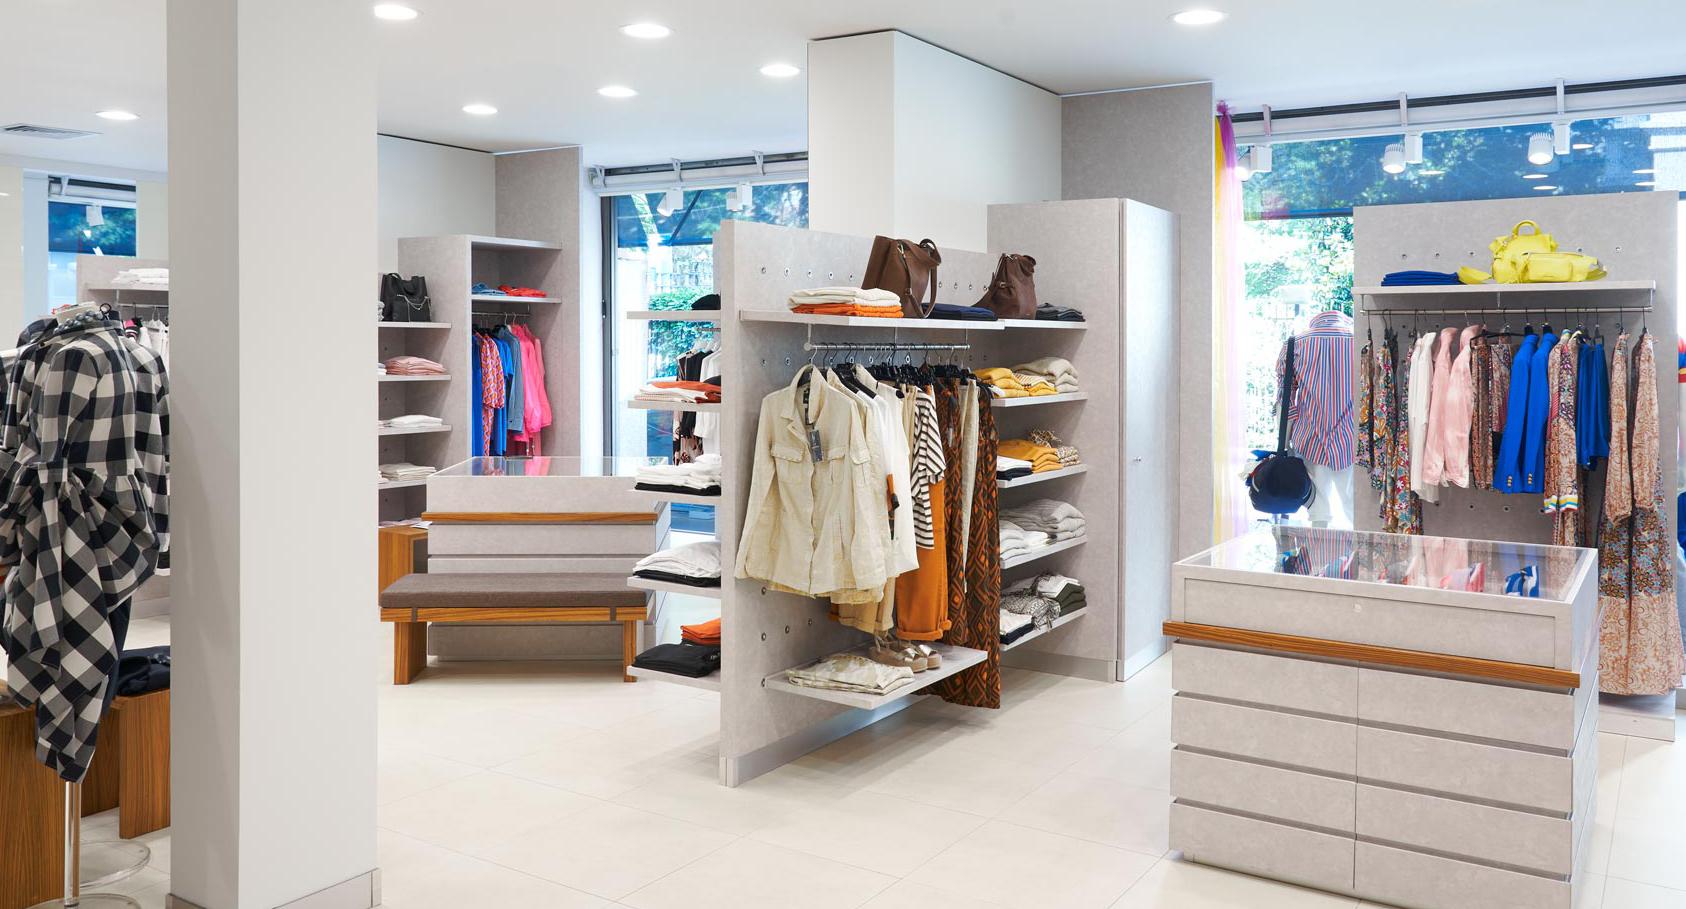 interno negozio abbigliamento moda Manganini milano.